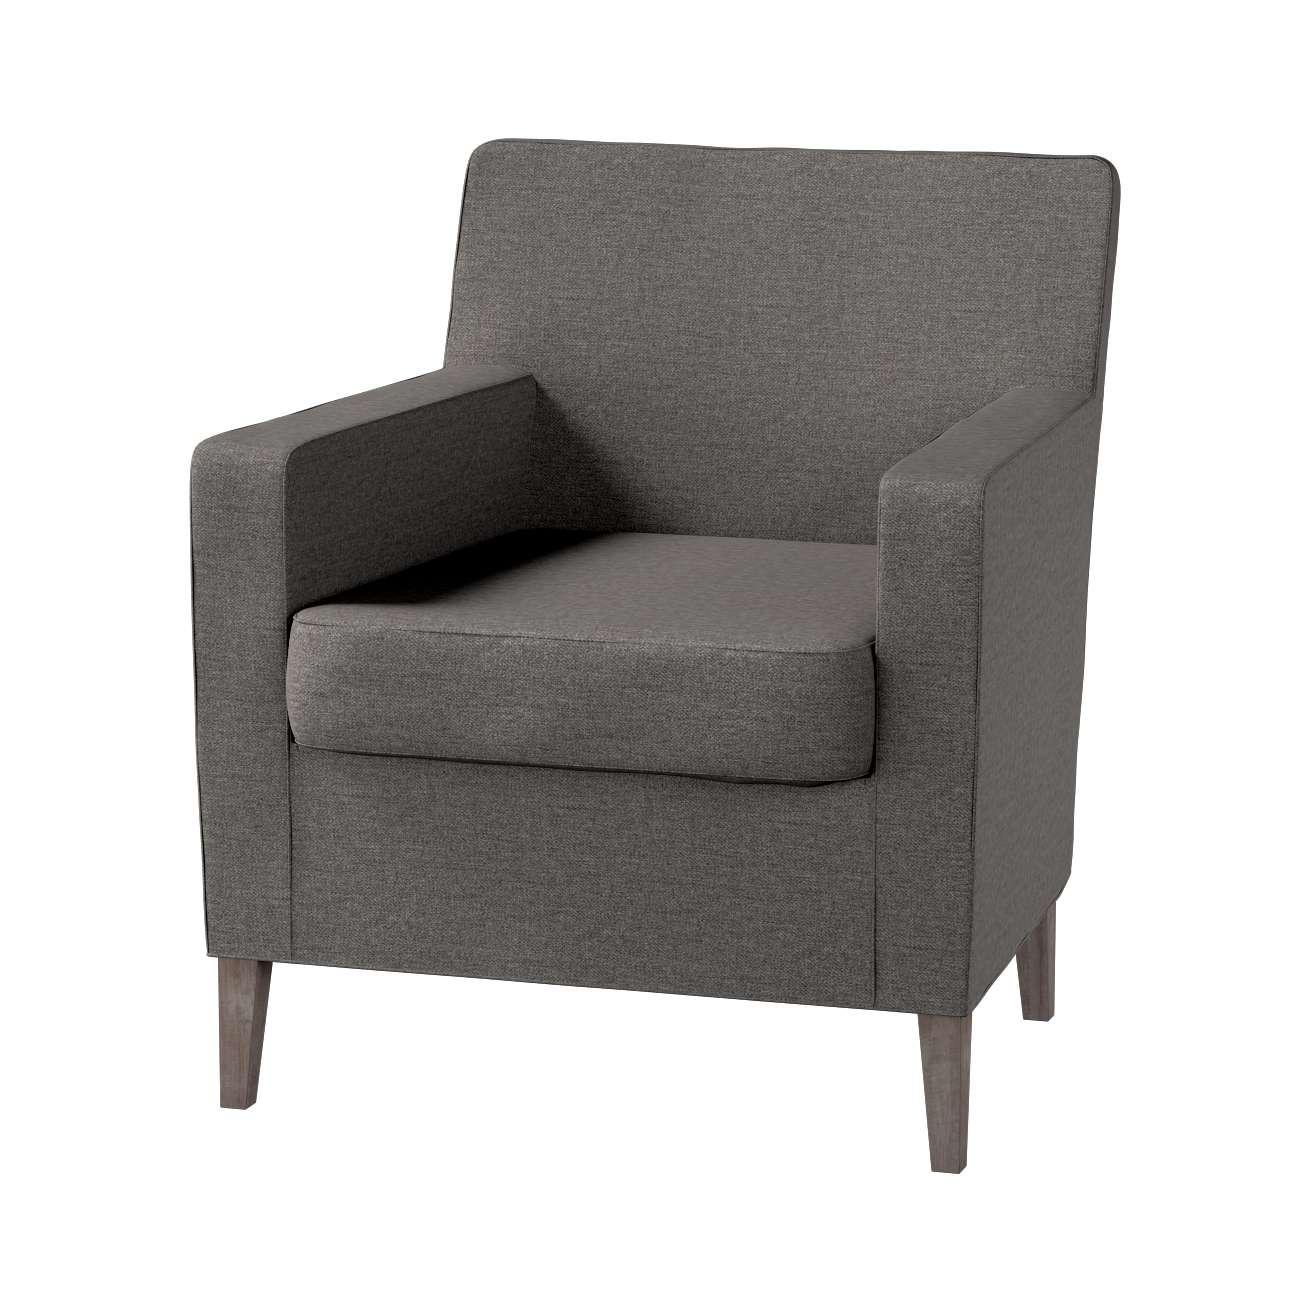 Pokrowiec na fotel Karlstad Fotel  Karlstad w kolekcji Edinburgh, tkanina: 115-77